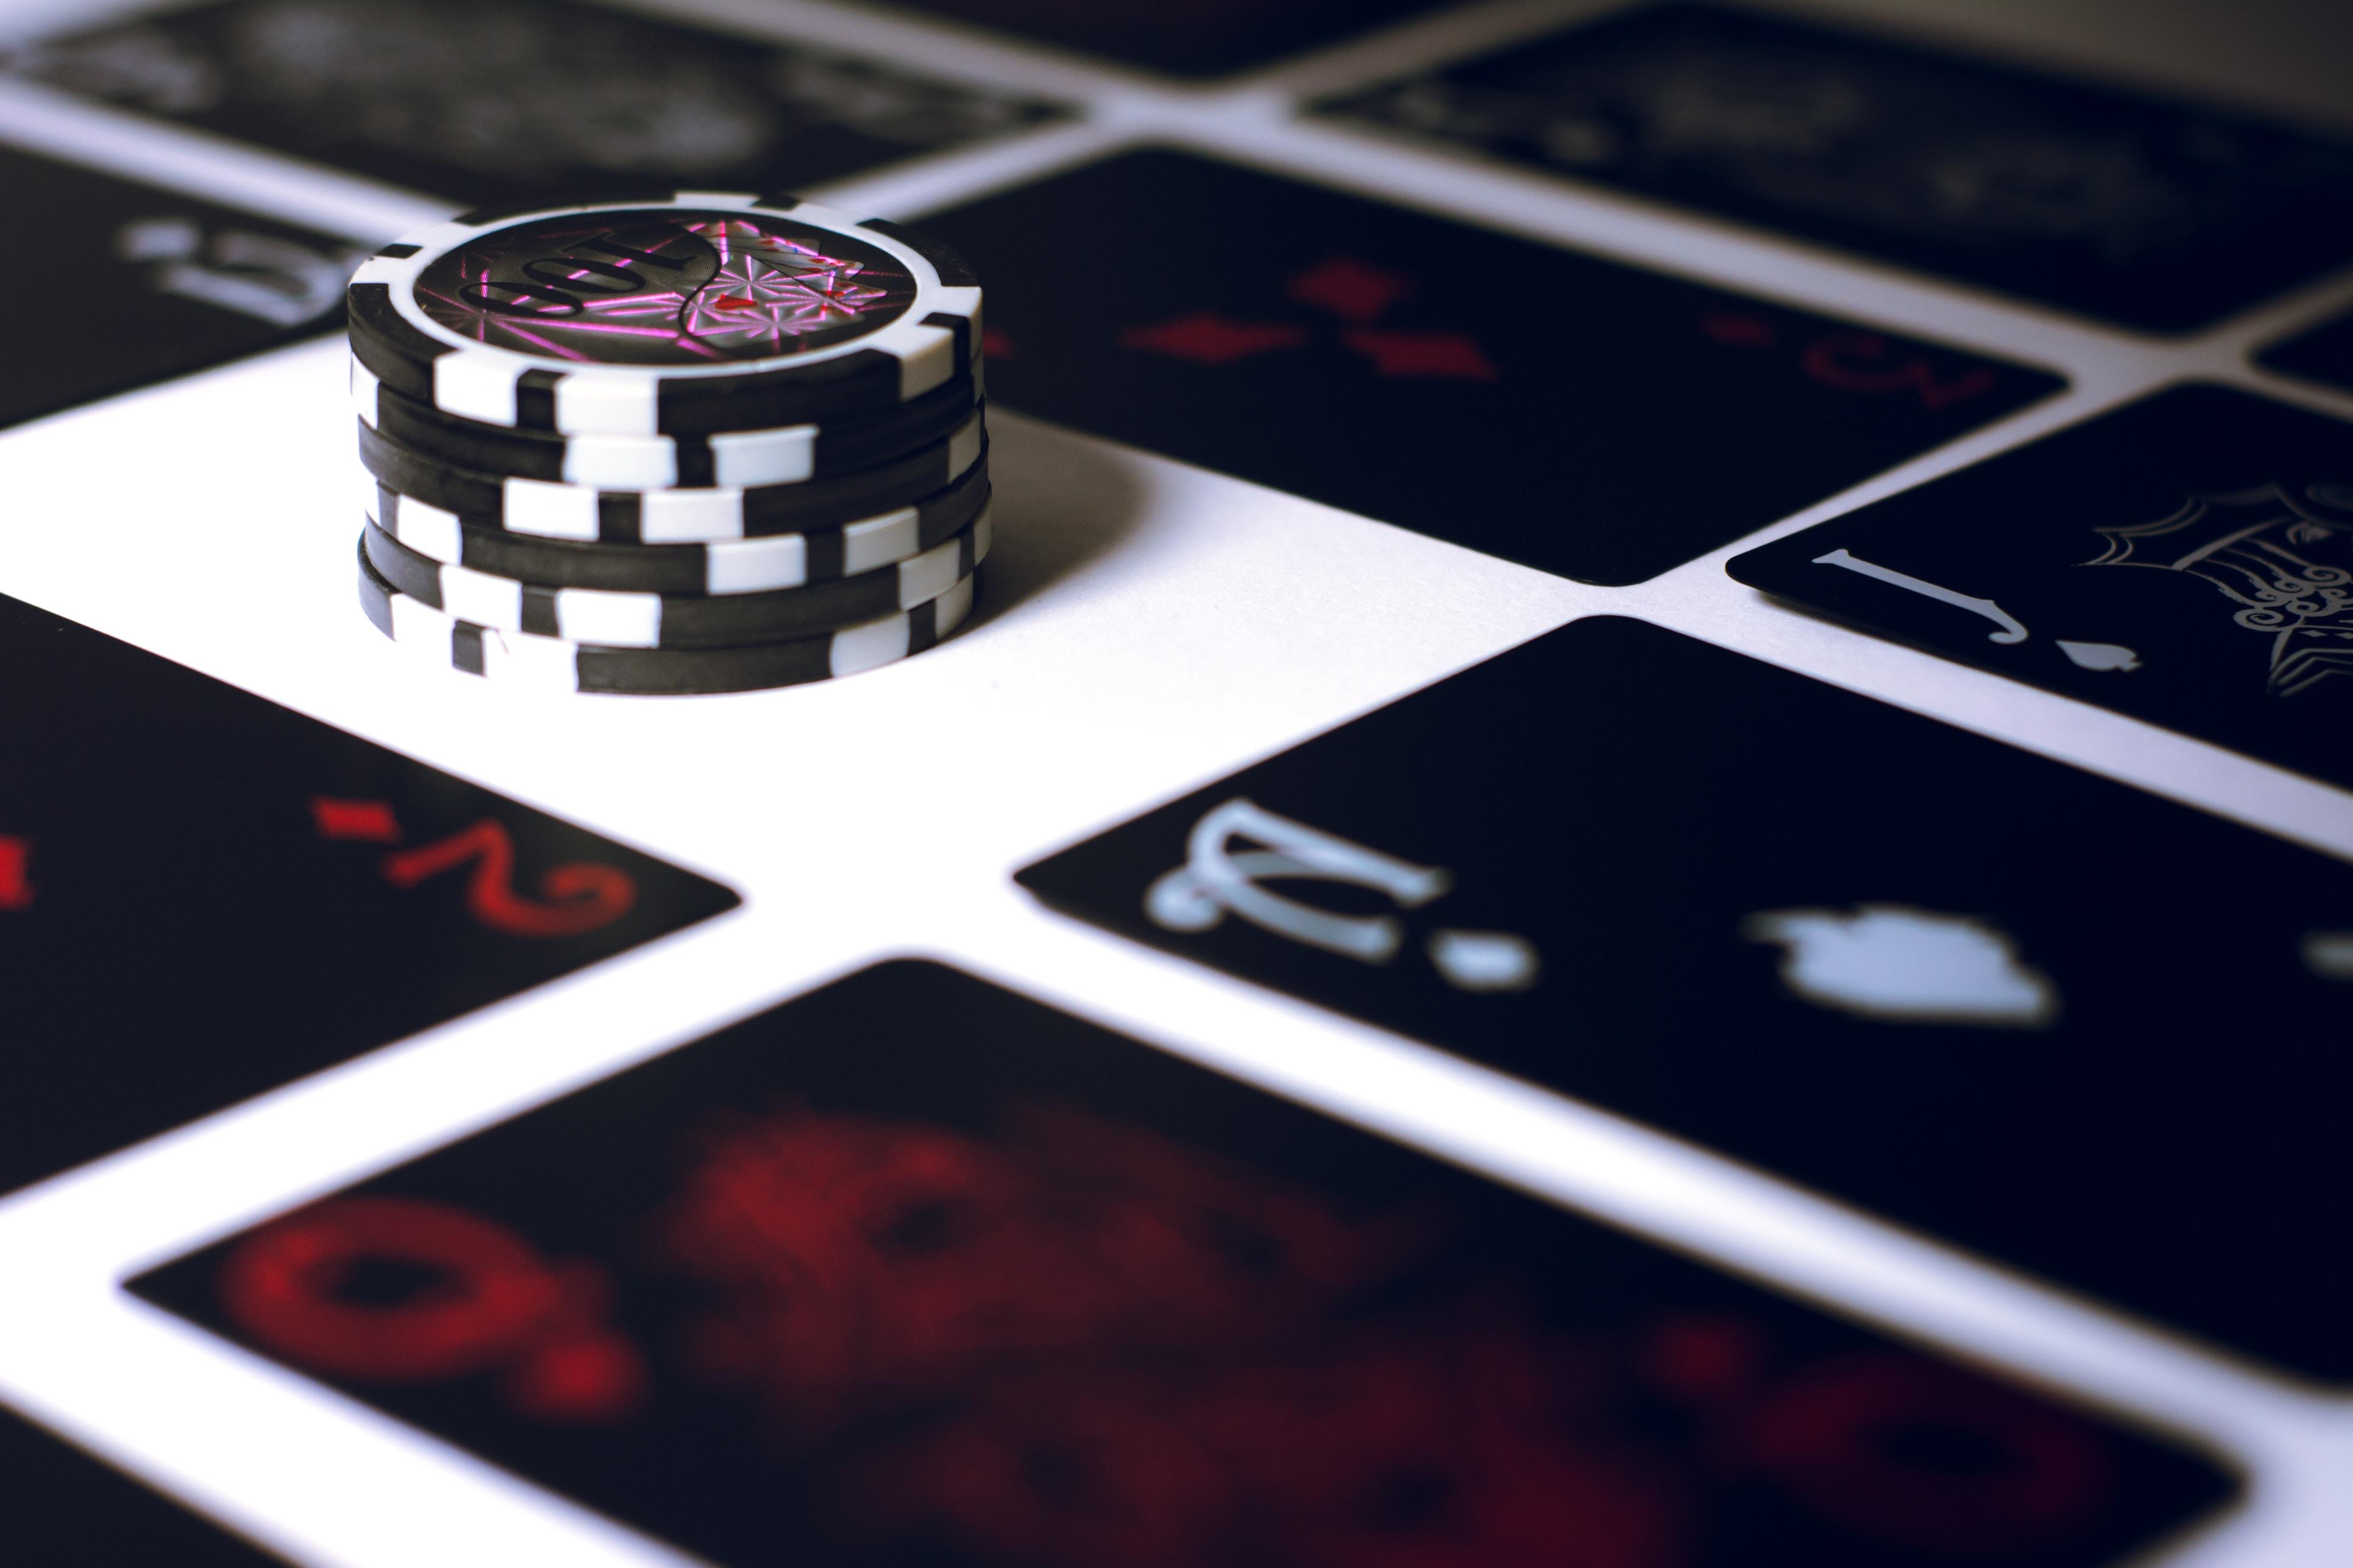 fichas de poker 2019